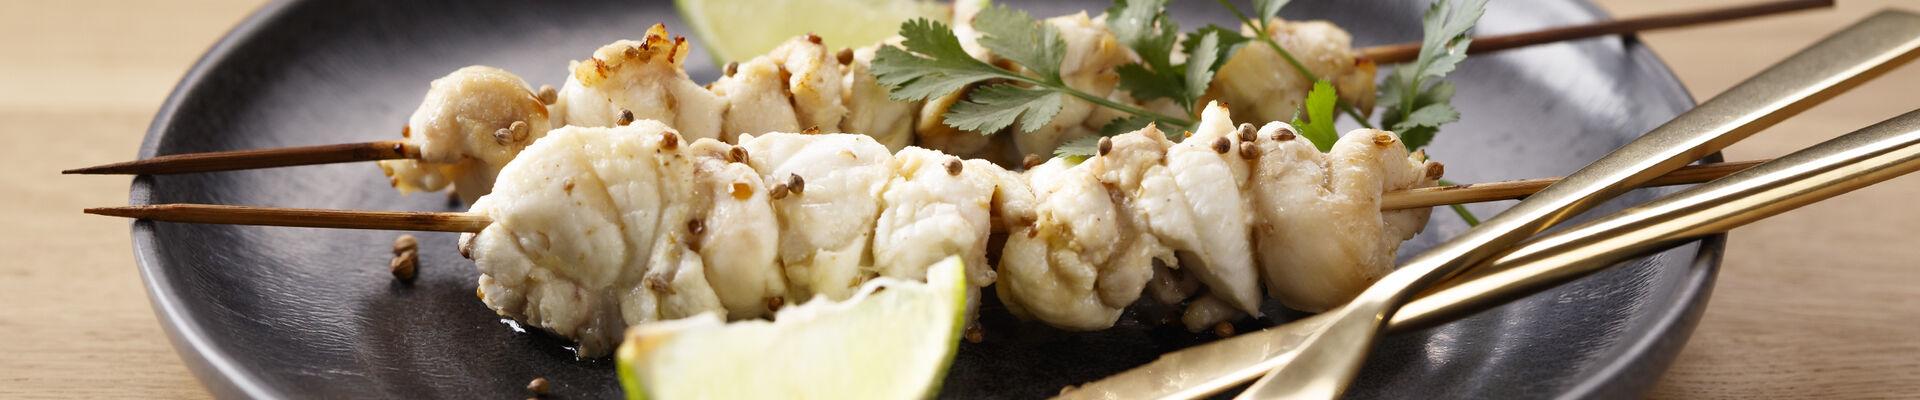 Brochettes de lotte marinées au cumin et à la coriandre